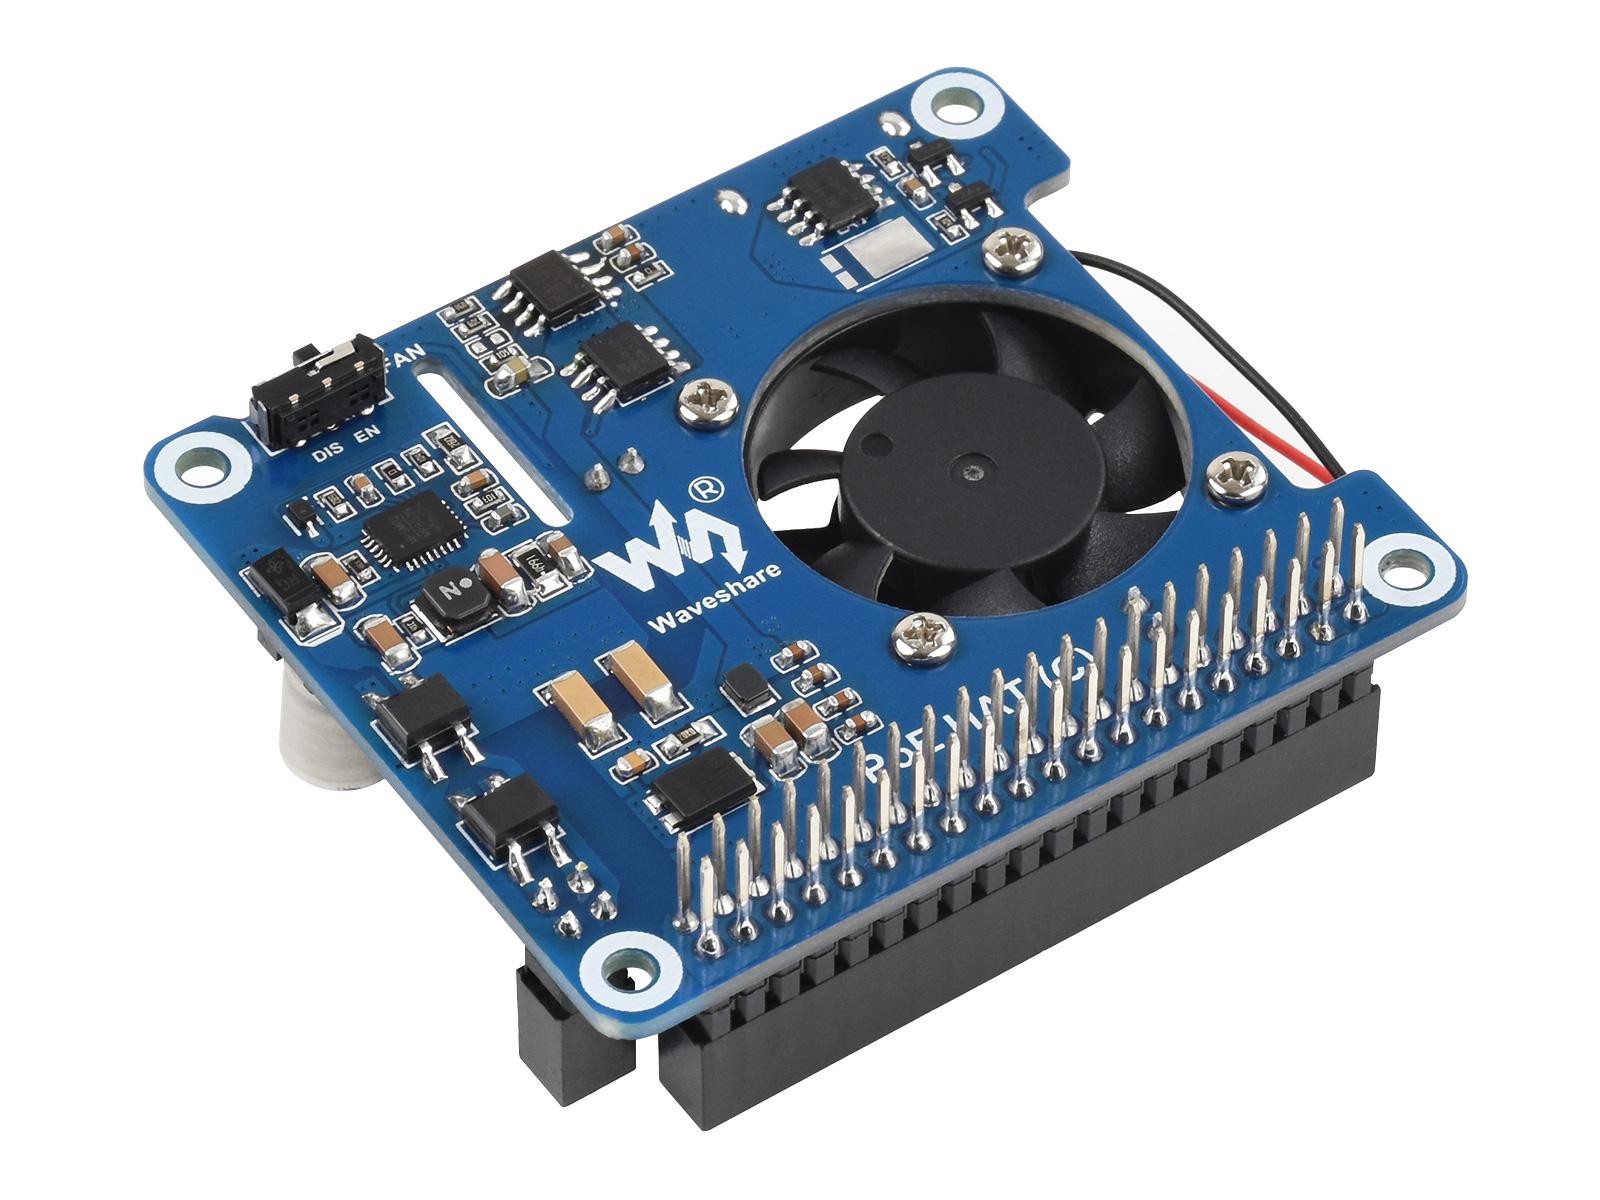 树莓派以太网供电扩展板C型 适用于树莓派3B+/4B,支持802.3af/at网络标准